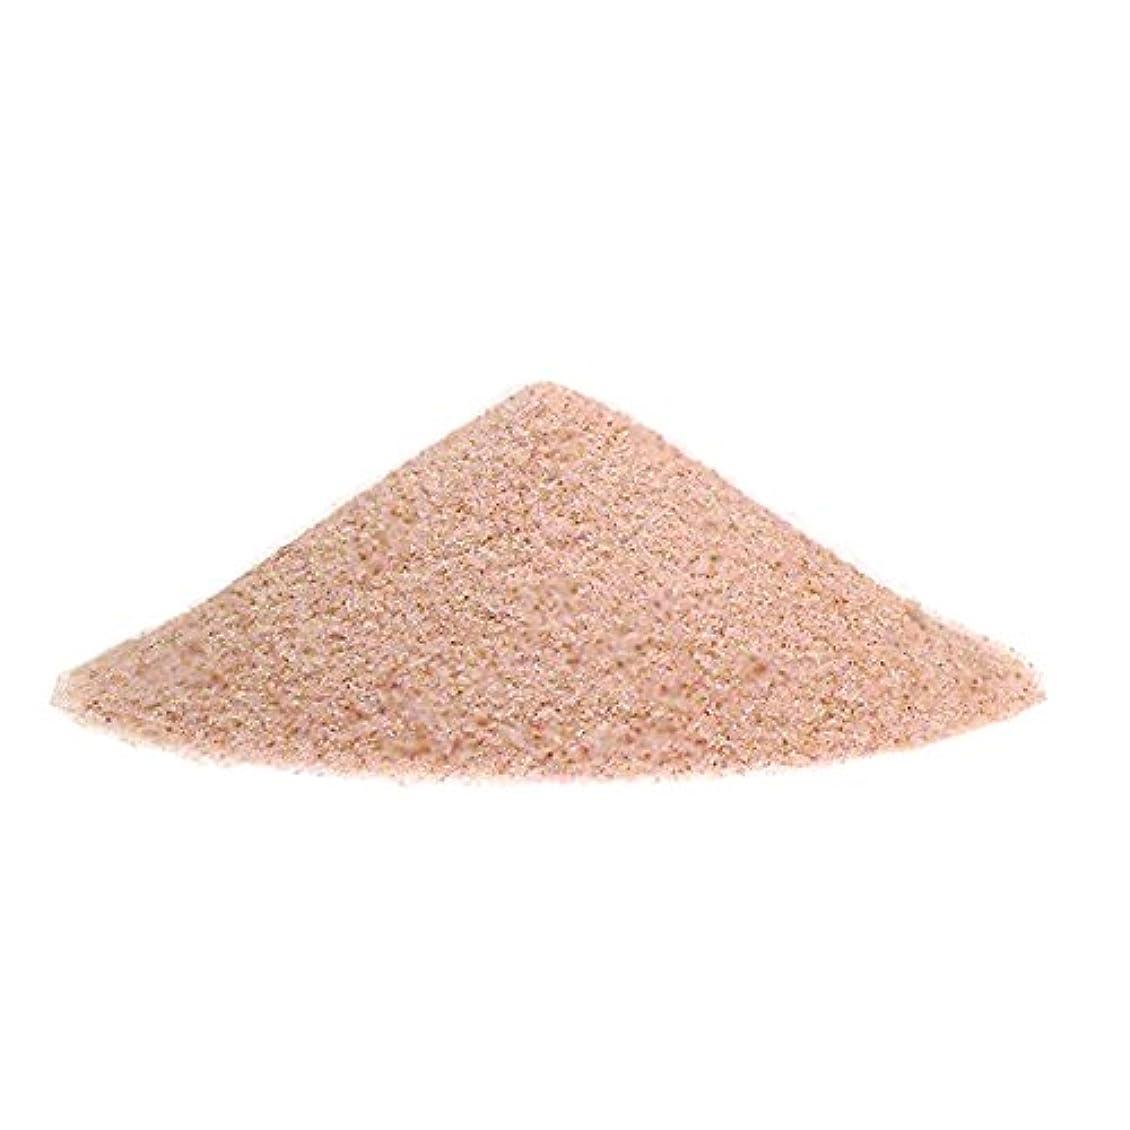 難破船配列寝具ヒマラヤ岩塩 ピンクソルト 入浴用 バスソルト(微粒パウダー)3kg ピンク岩塩